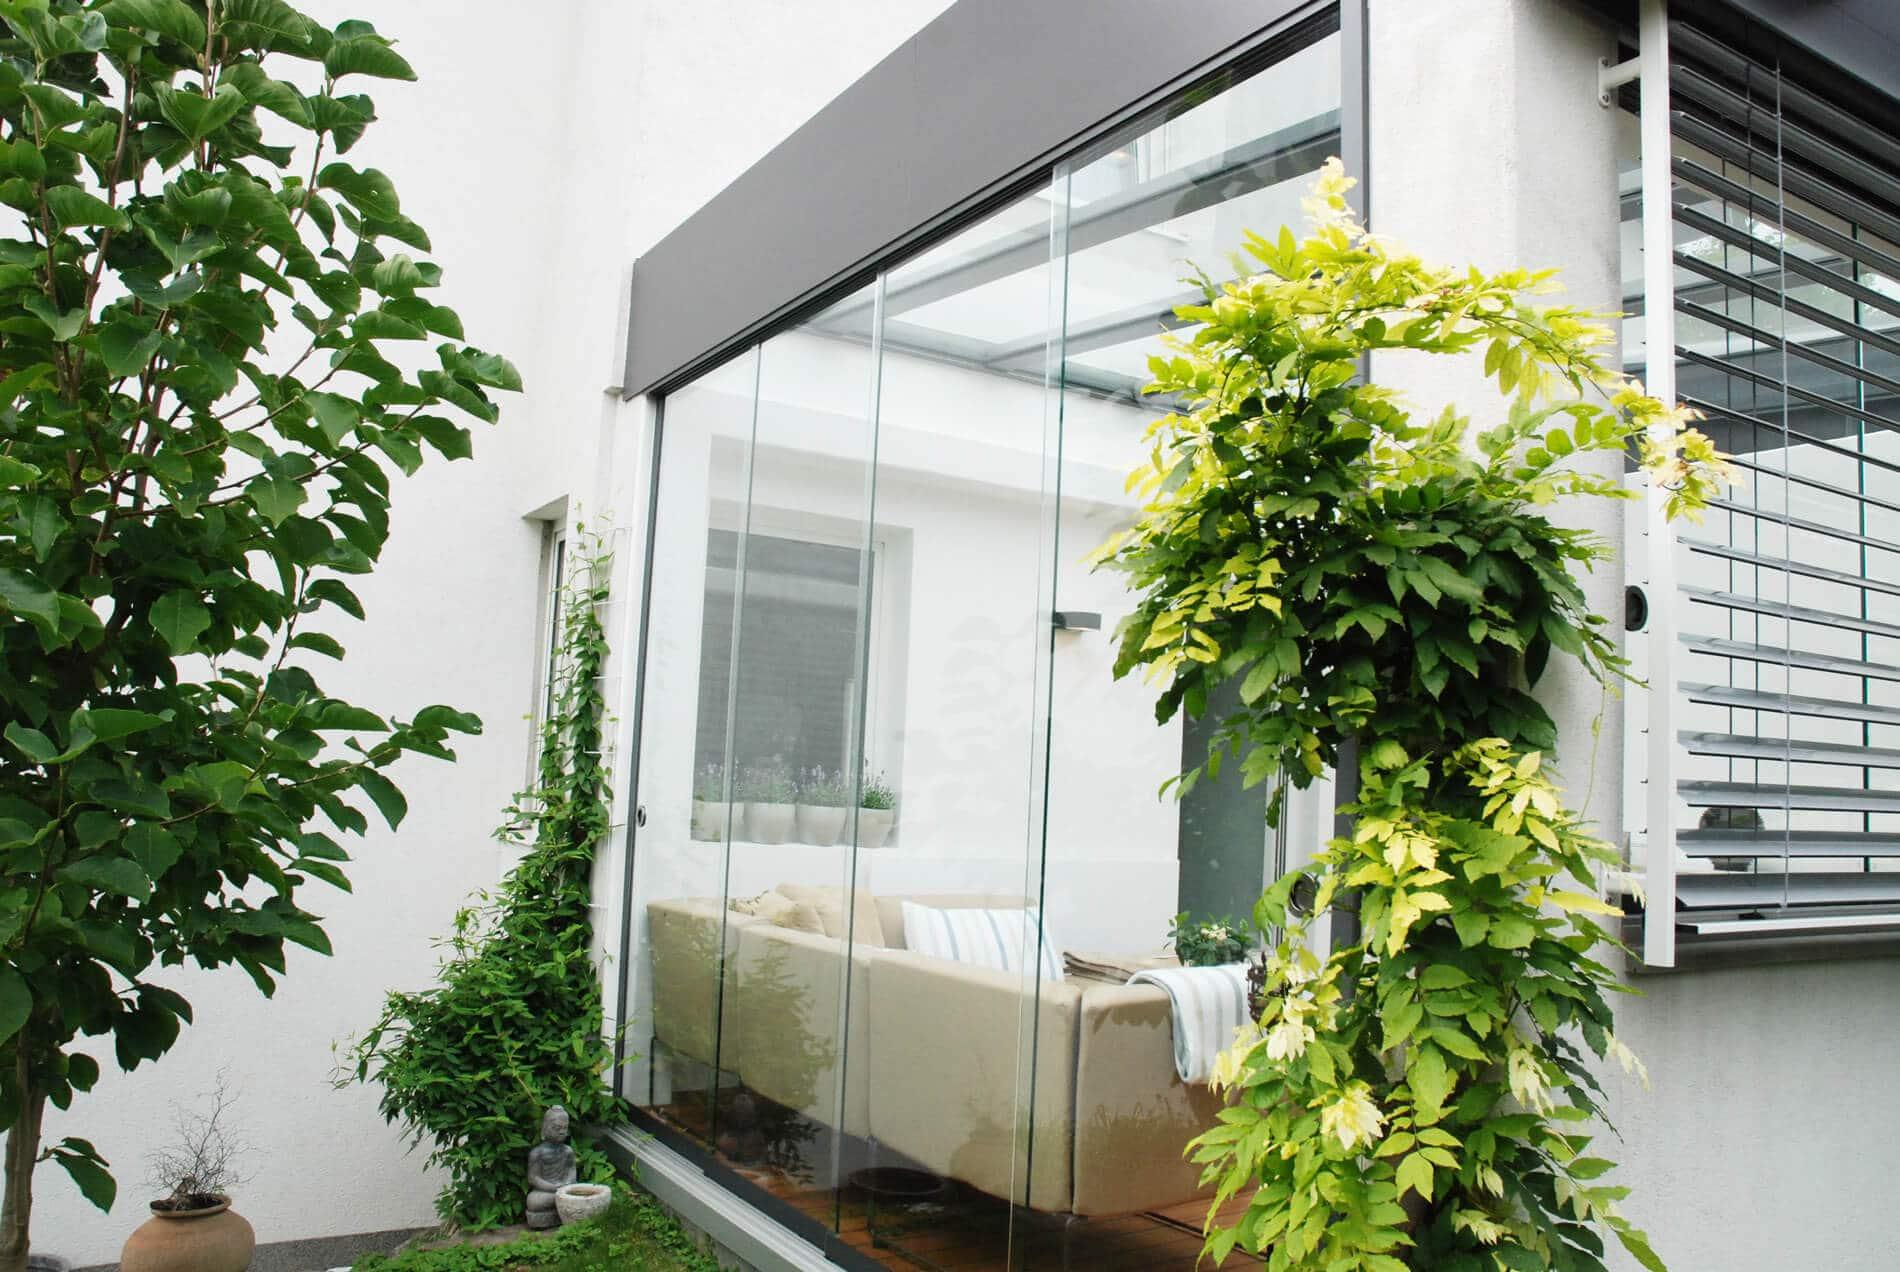 Sommergarten mit Schiebetüren und Flachdach